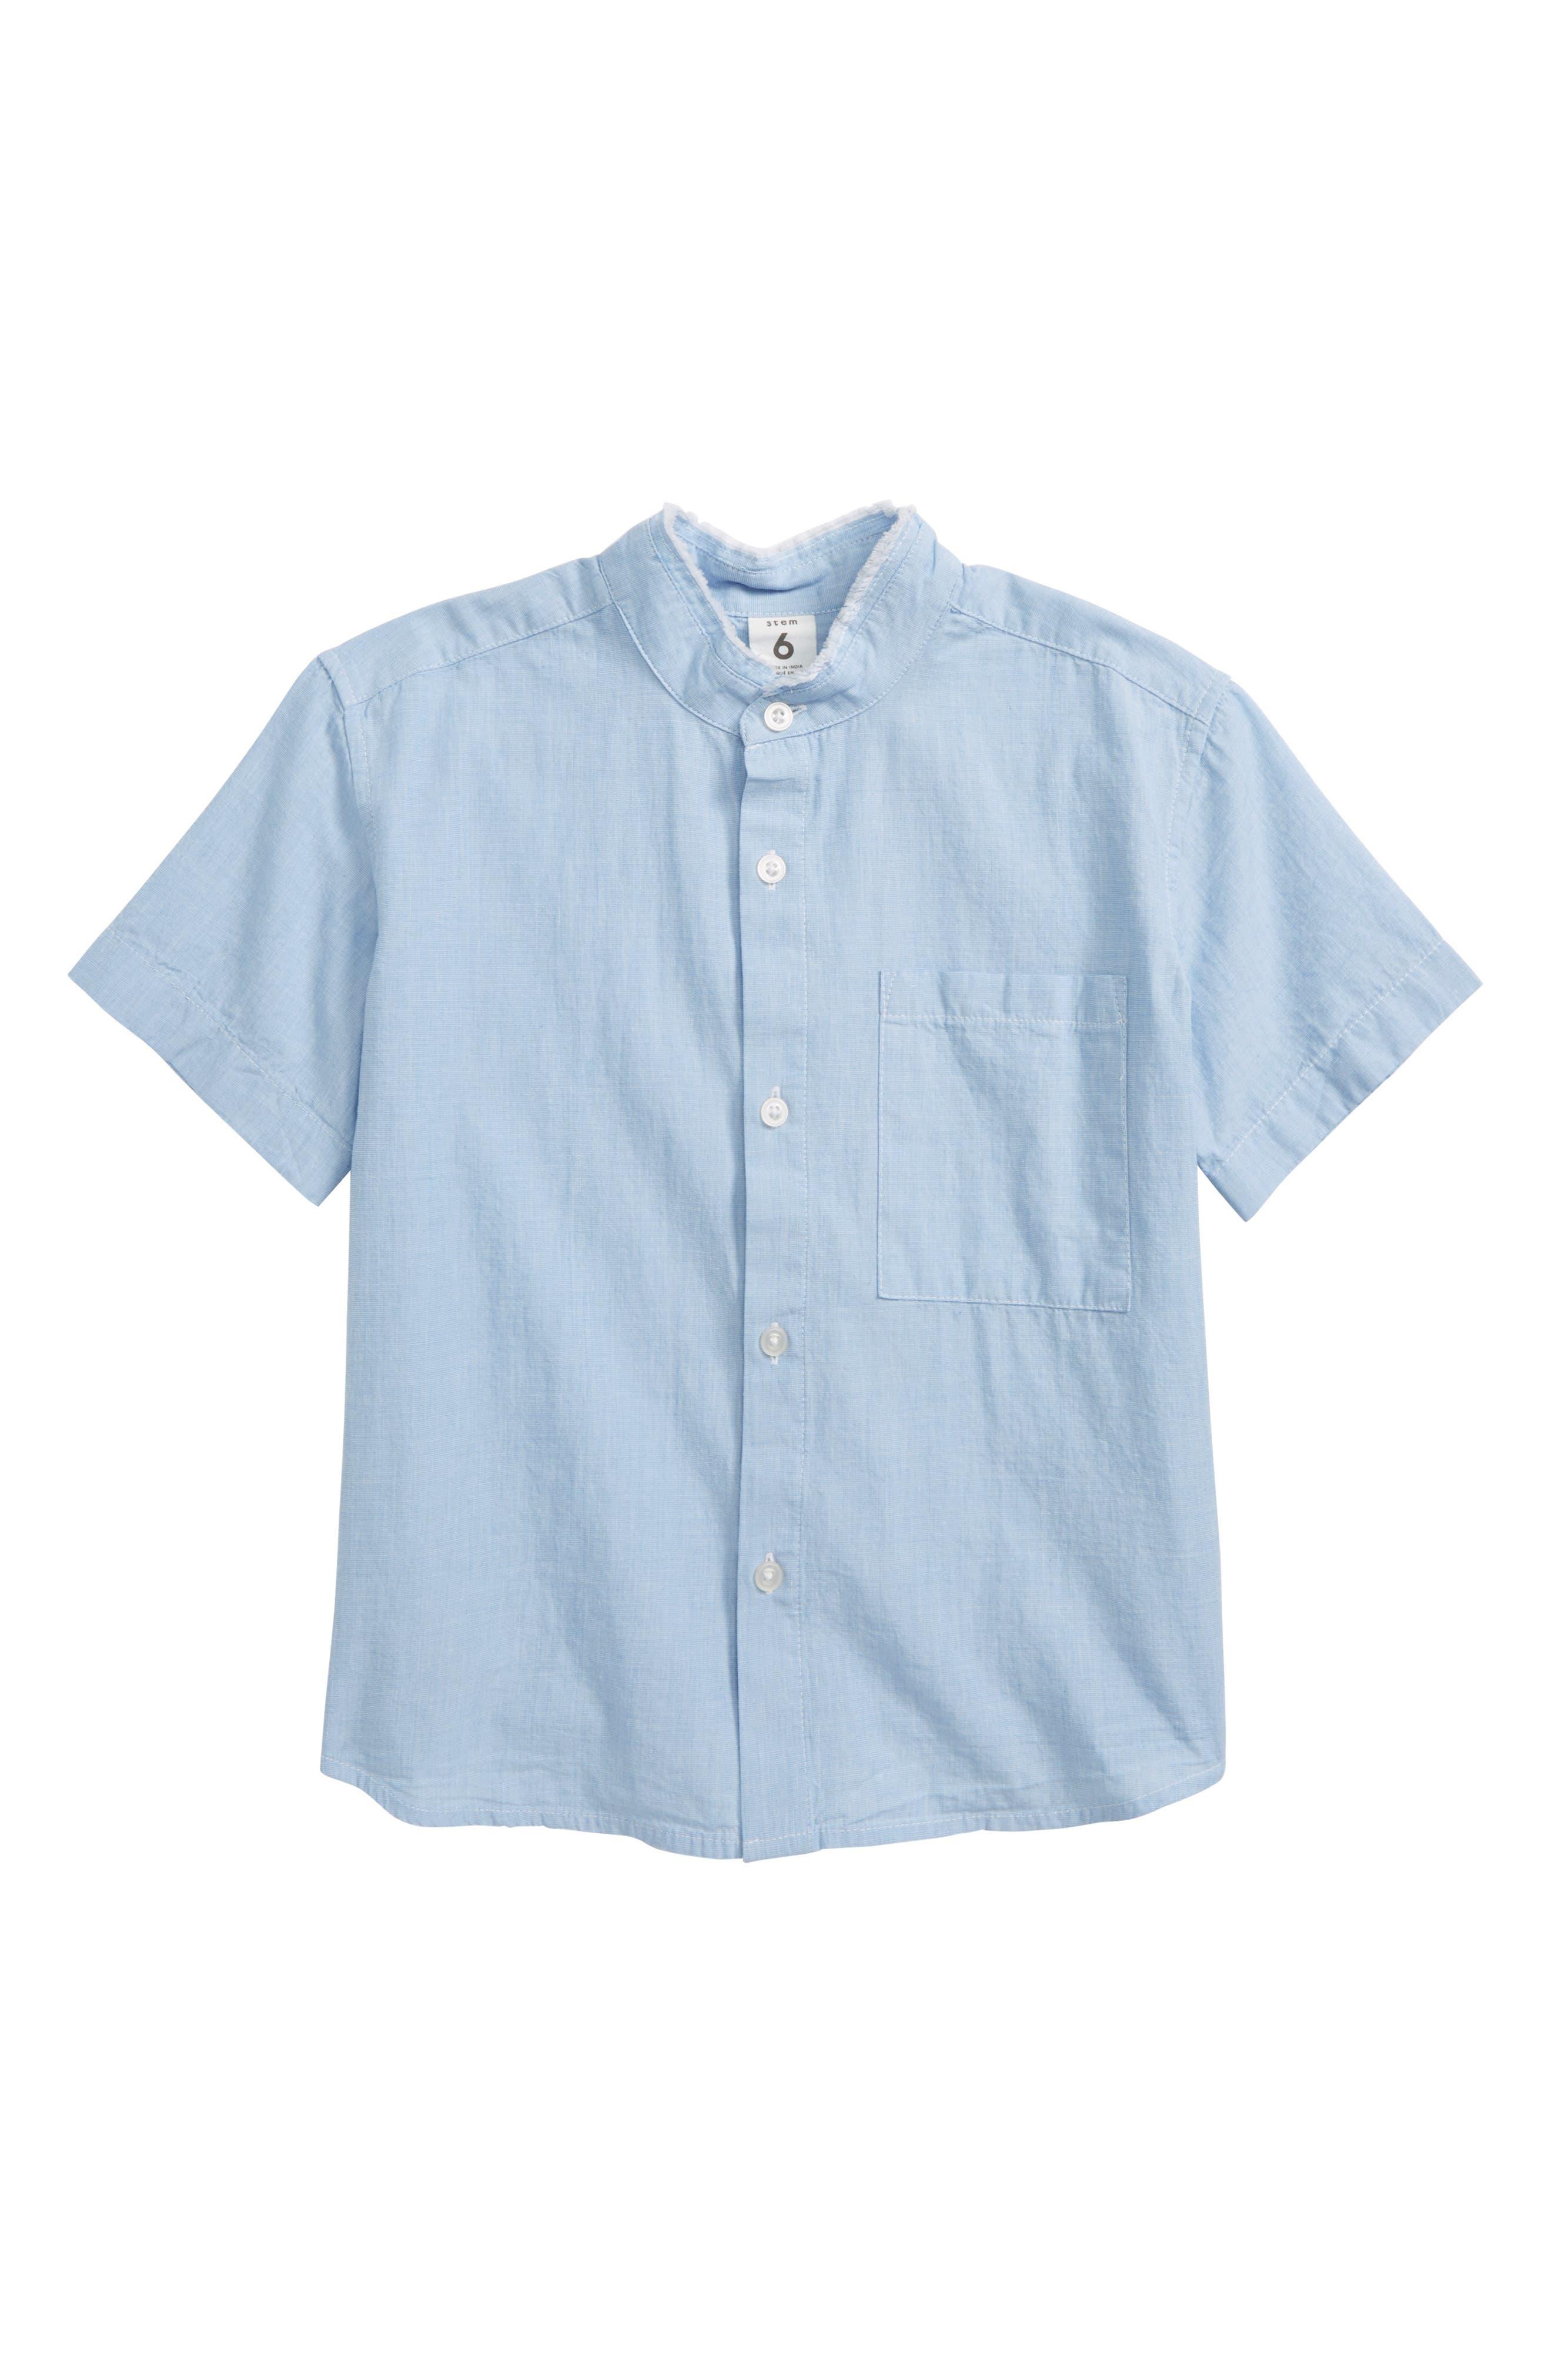 Collarless Shirt,                             Main thumbnail 1, color,                             Blue Chambray Grid